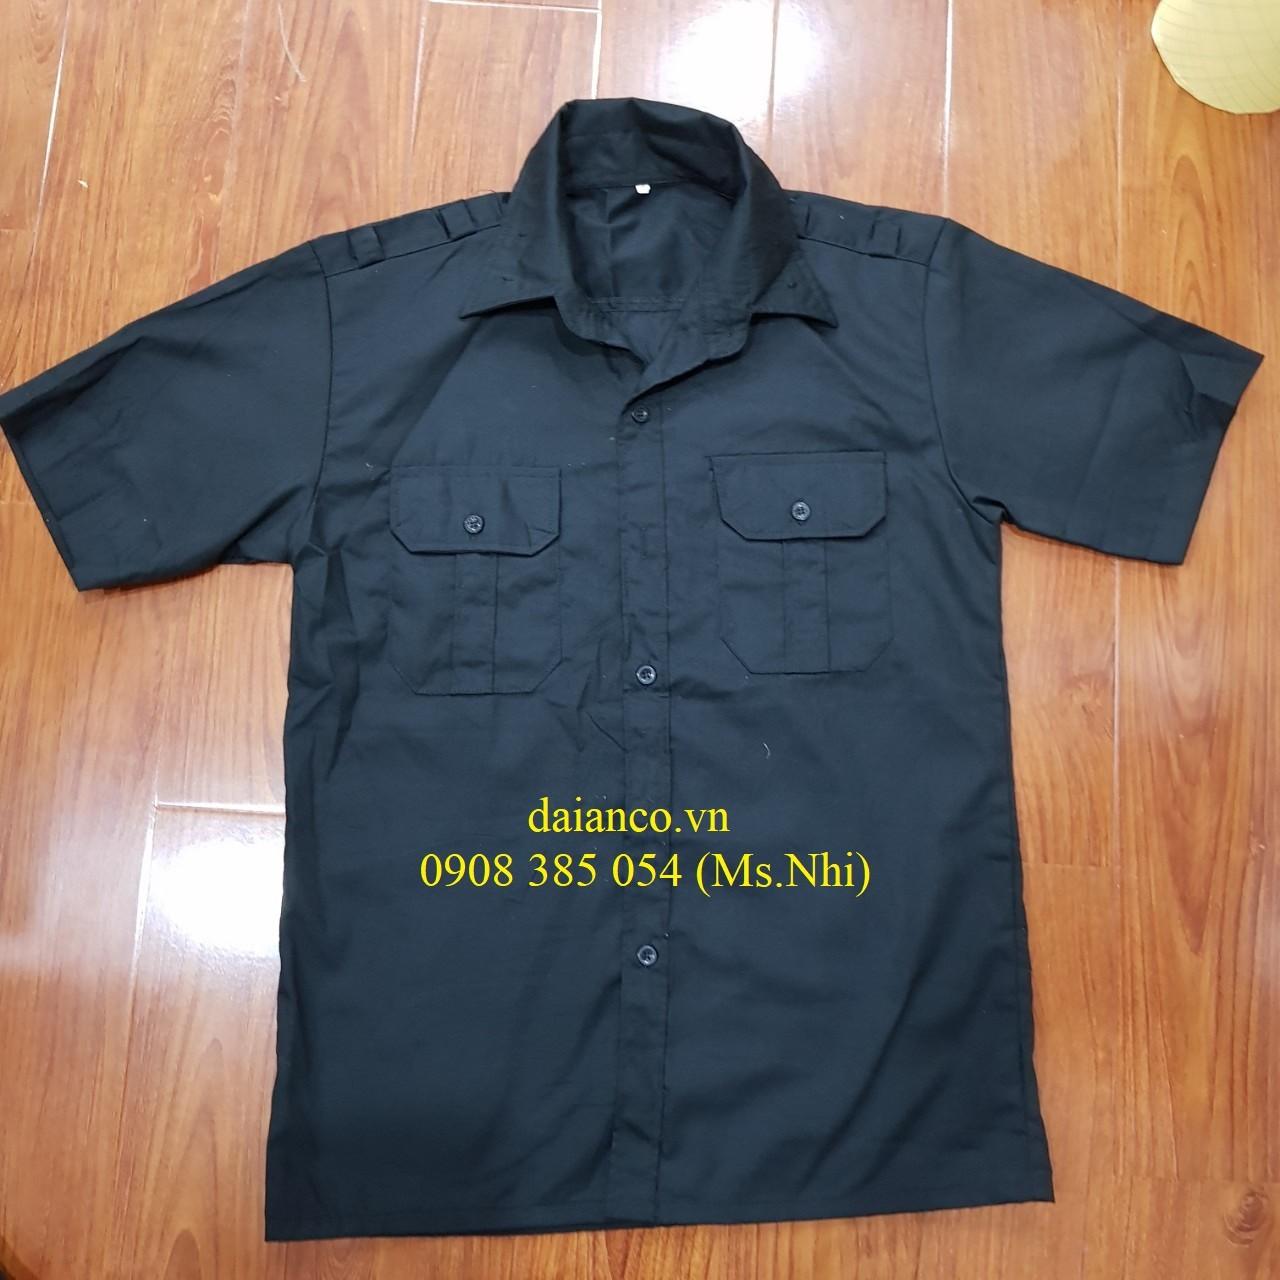 Hình ảnh Giảm giá đồng phục vệ sỹ- bảo vệ màu đen, vải thoáng mát, kiểu dáng sang trọng- Hình thật, có sẵn